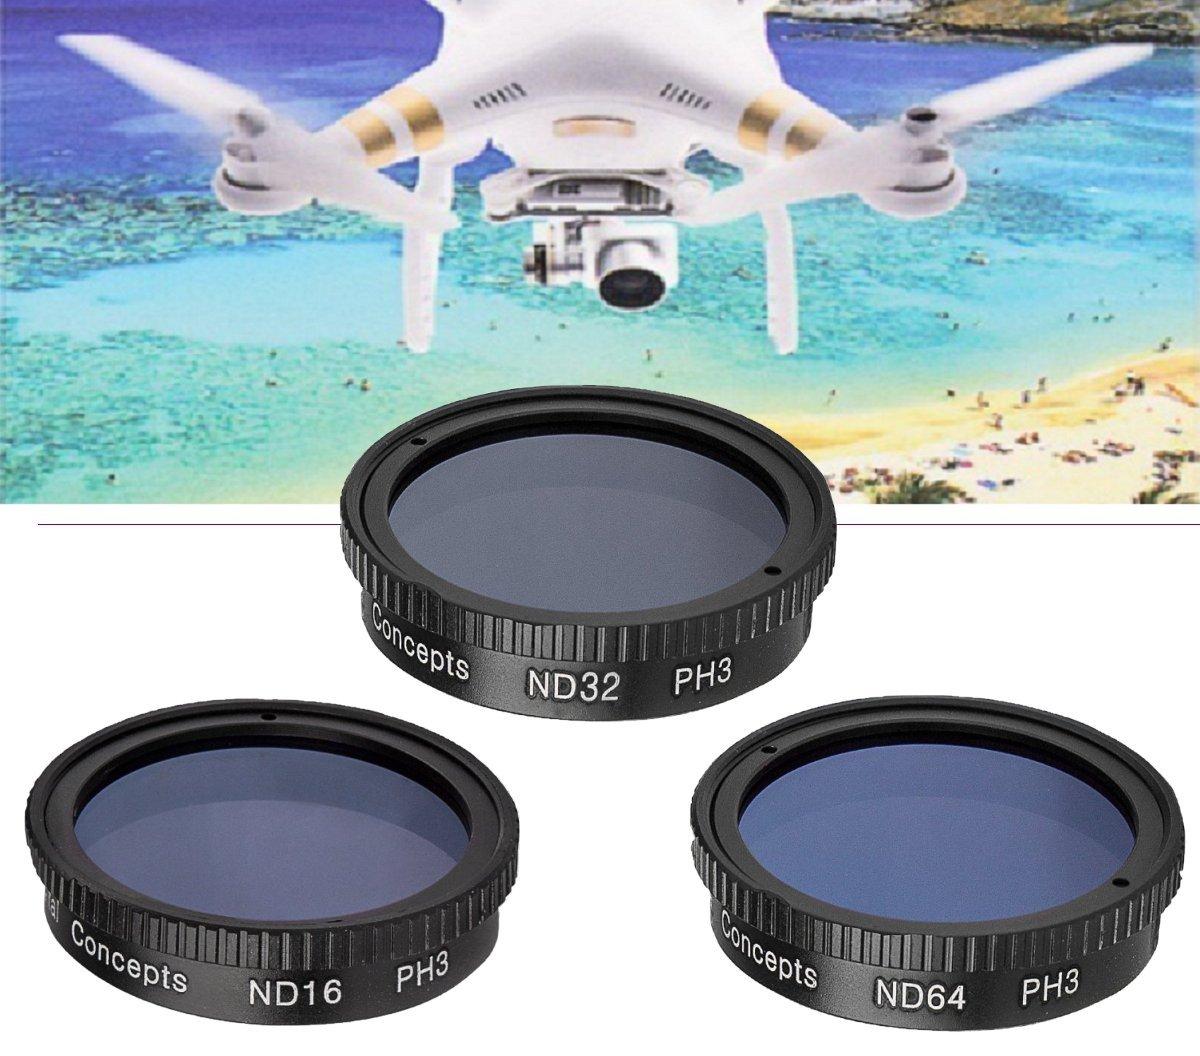 Фильтр nd64 к дрону фантом защита камеры мягкая dji насколько надежна?